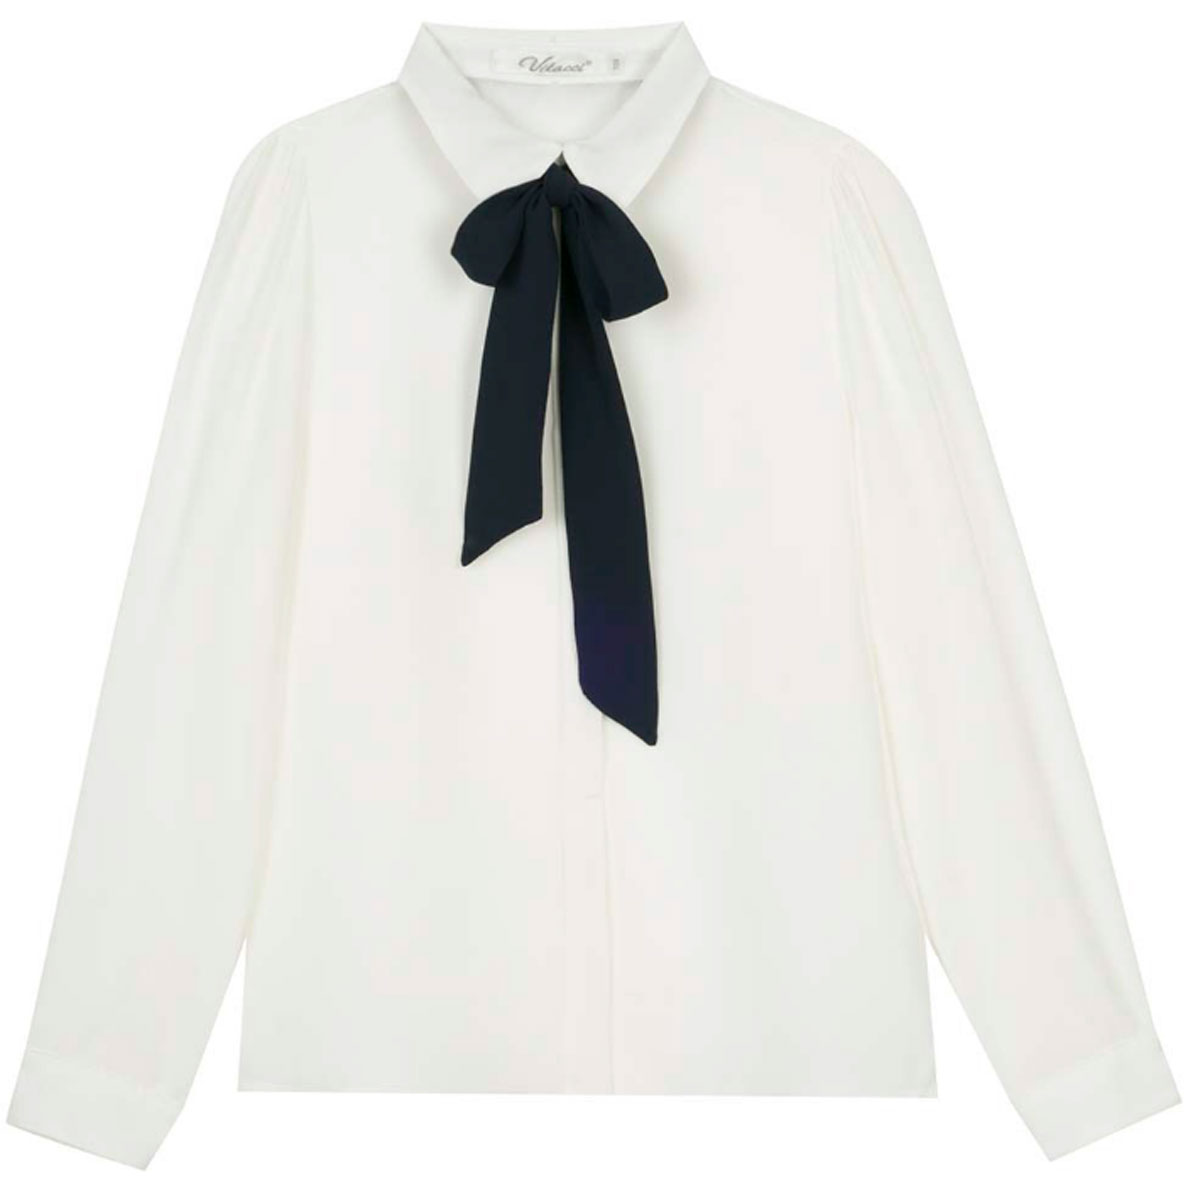 Блузка для девочки Vitacci, цвет: белый. 2173224L-01. Размер 1522173224L-01/2173224-01Шифоновая блузка для девочки Vitacci выполнена из 100% полиэстера. Модель имеет длинные рукава и отложной воротник, украшенный контрастным бантом. Застегивается на пуговицы, скрытые планкой. Классическая блузка отлично подойдет для школы.